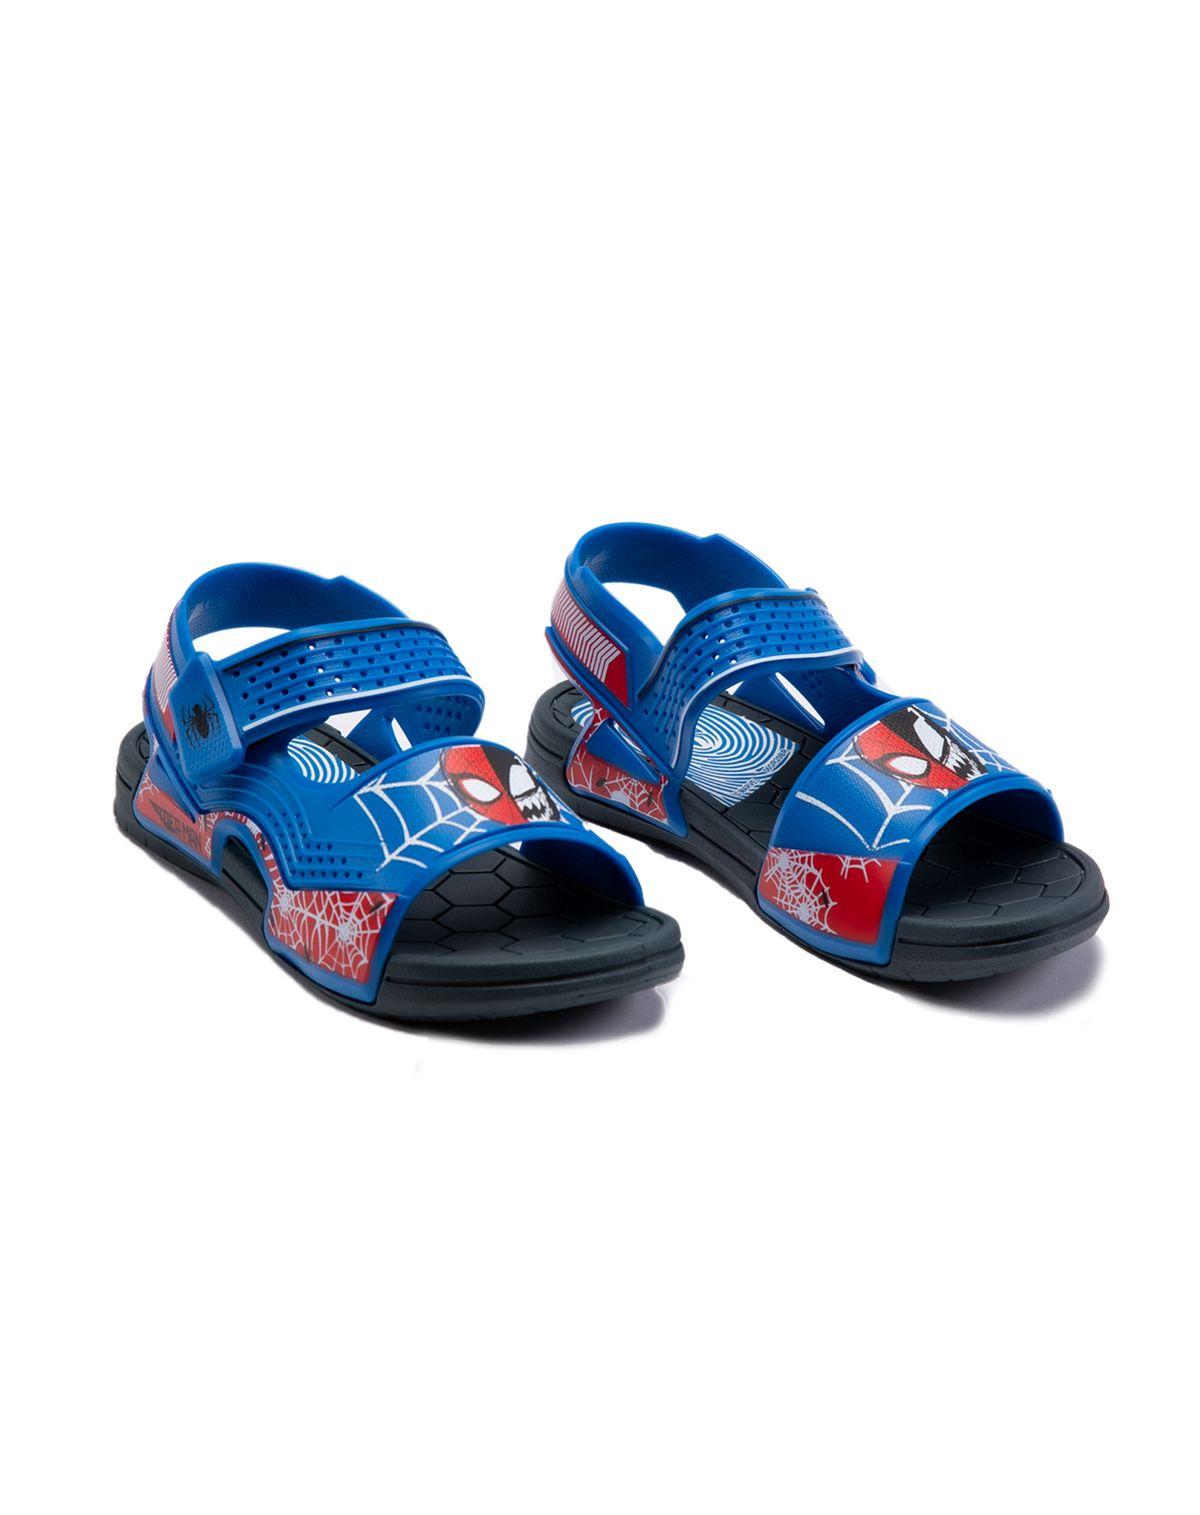 559026001-sandalia-papete-infantil-menino-marvel-homem-aranha-azul-23-4-0ca